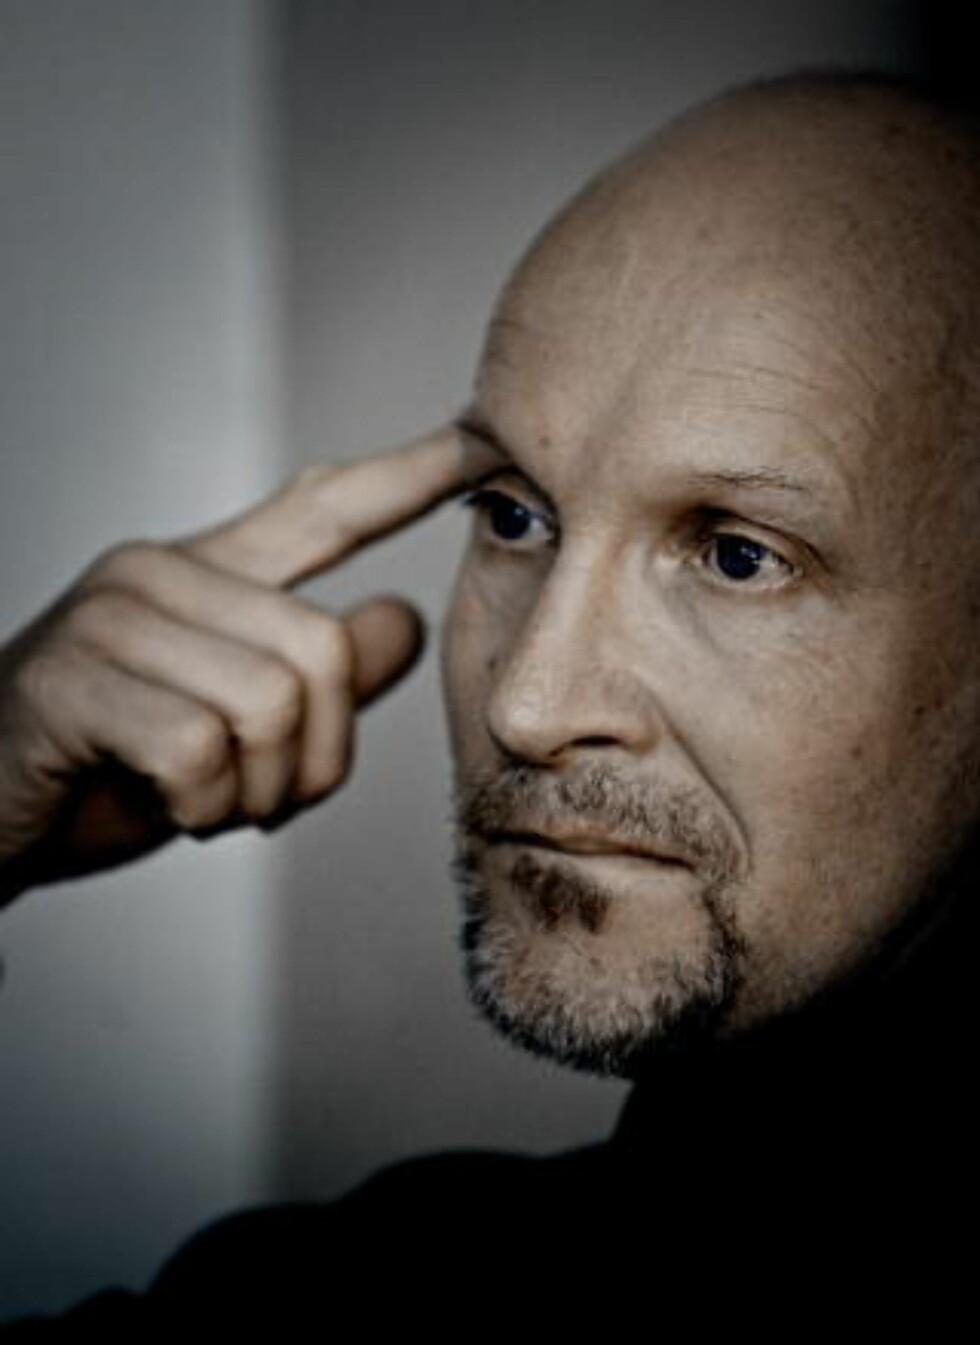 <strong>OPPHAVSMANNEN:</strong> Forfatter Lars Saabye Christensen utga «Halvbroren» i 2001, og har siden fått blant annet Brageprisen og Bokhandlerprisen for romanen. Foto: Jørn H. Moen / Dagbladet